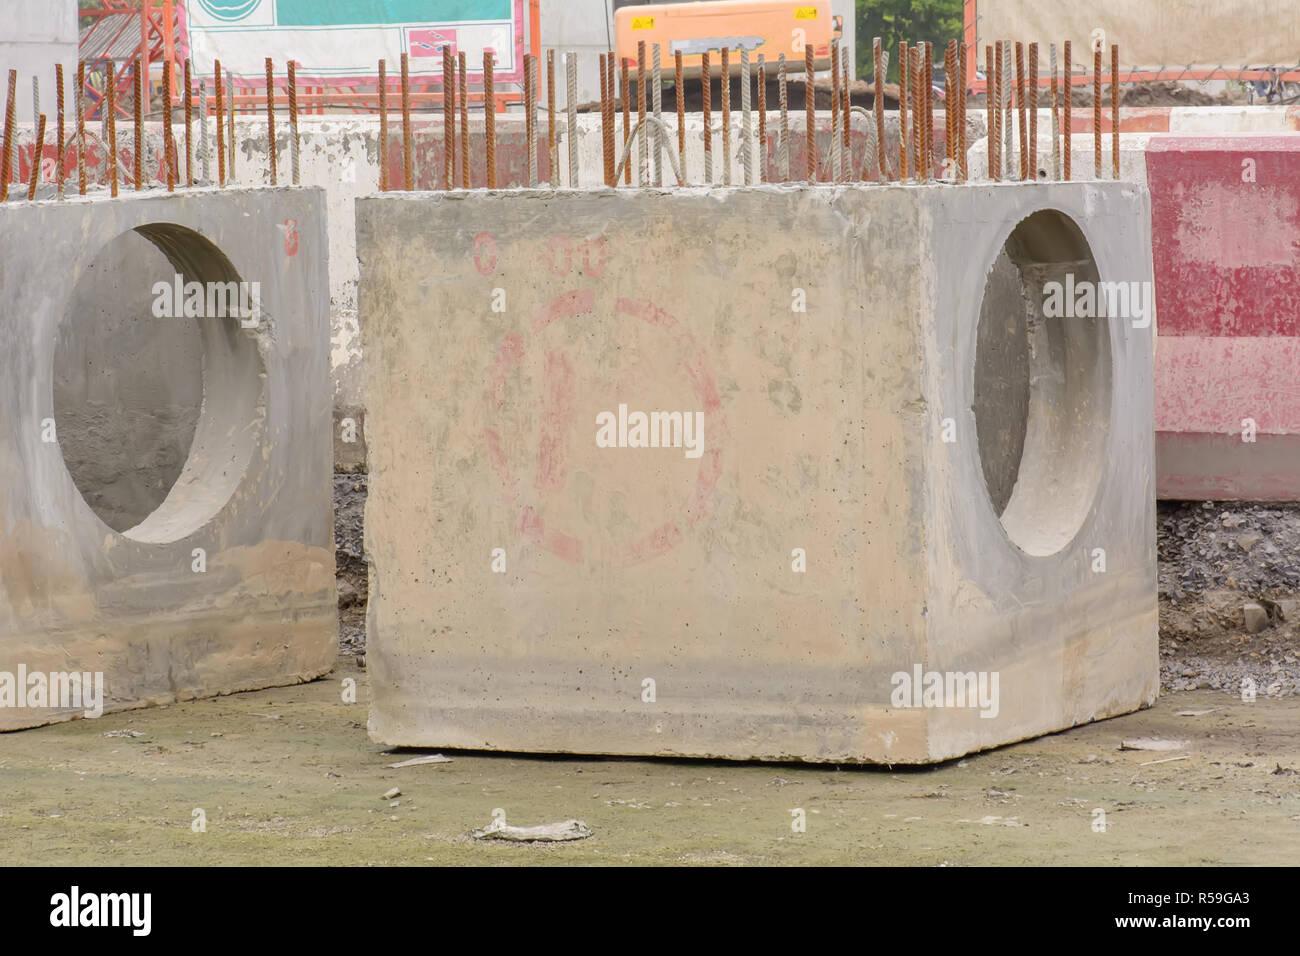 Precast concrete manholes - Stock Image